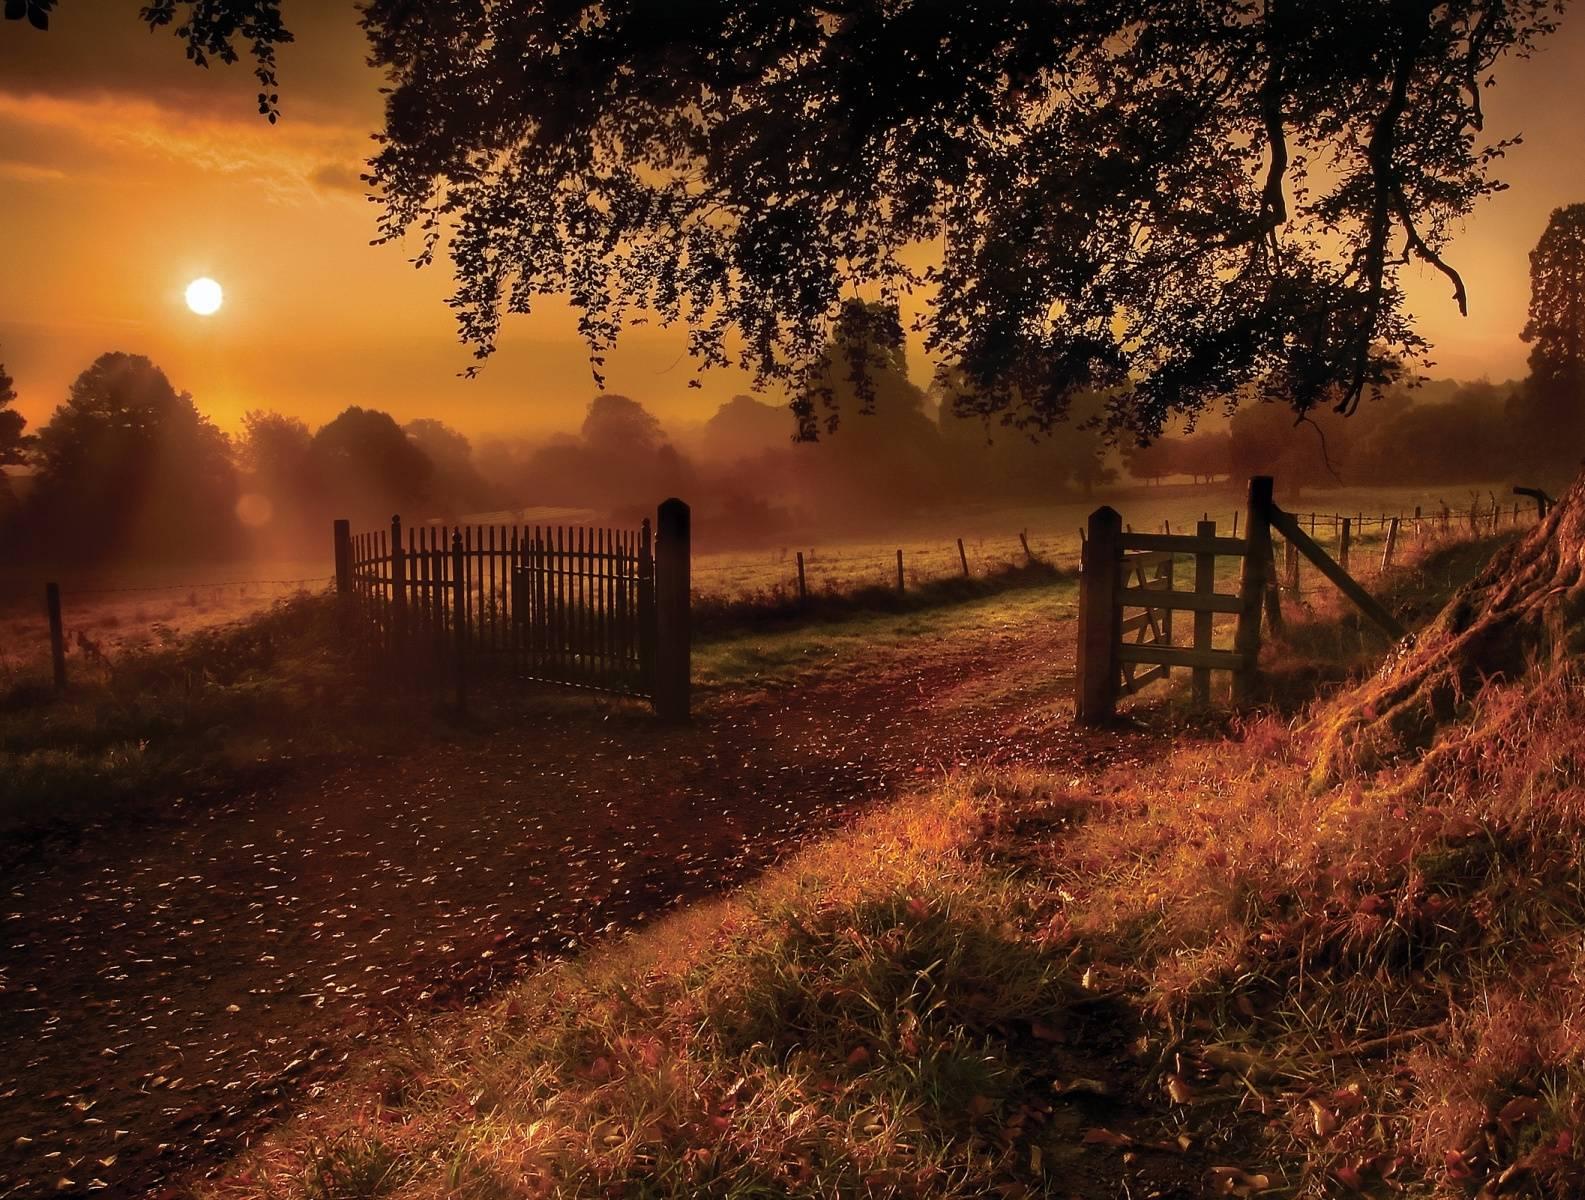 Sunset Scene Hd